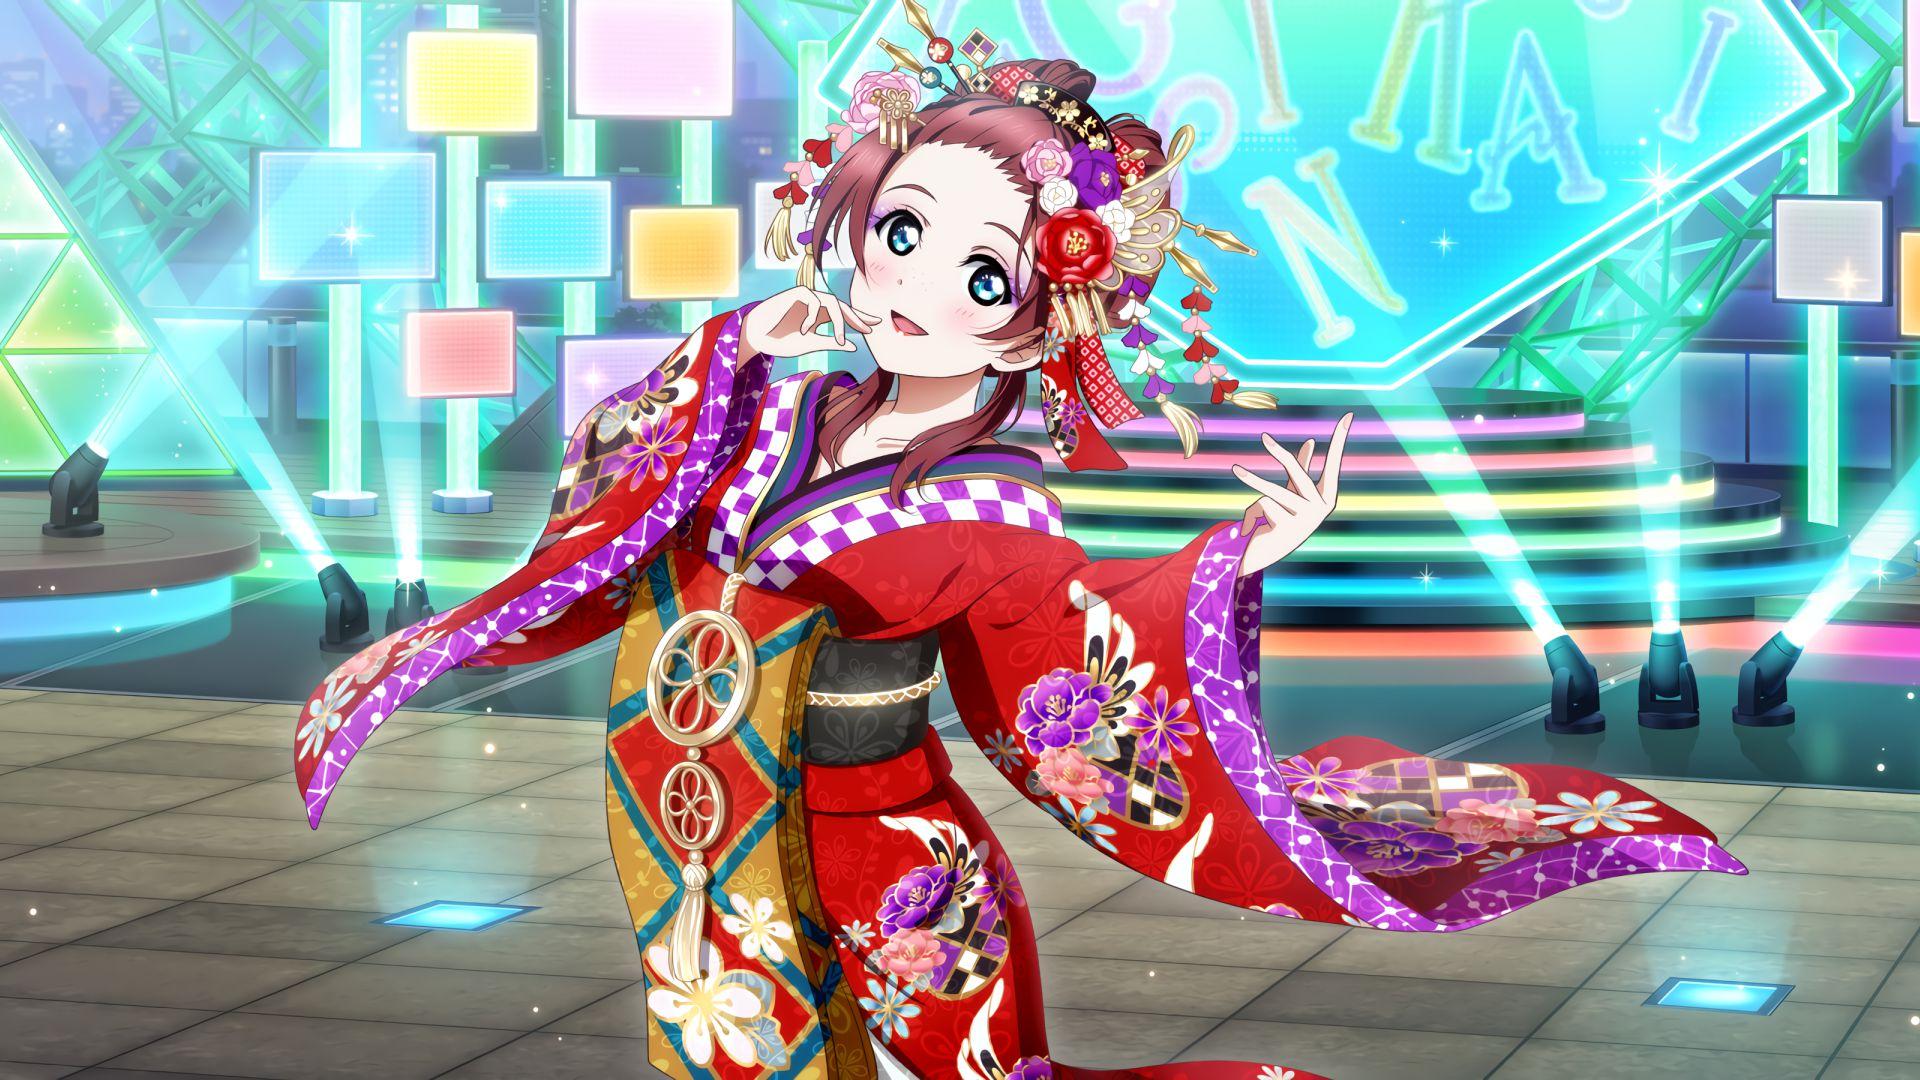 ラブライブ!虹ヶ咲学園スクールアイドル同好会PC壁紙